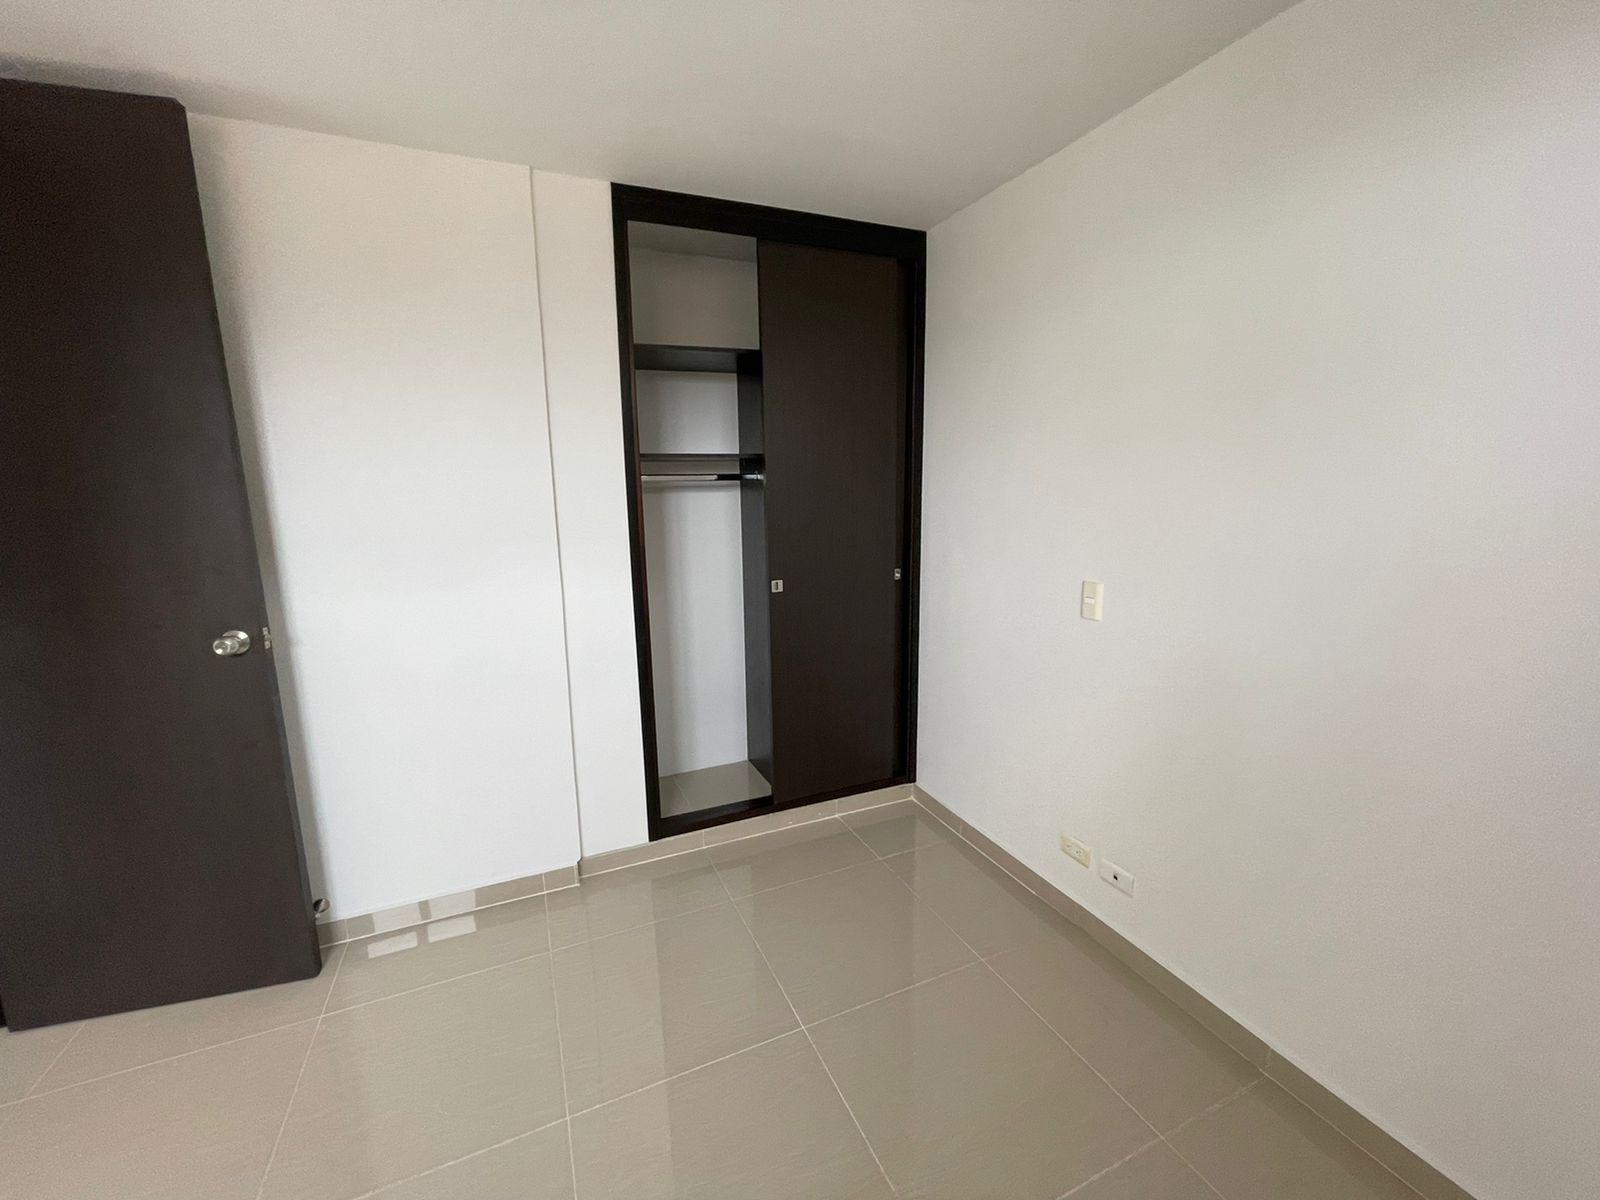 Apartamento en Medellin 141424, foto 31